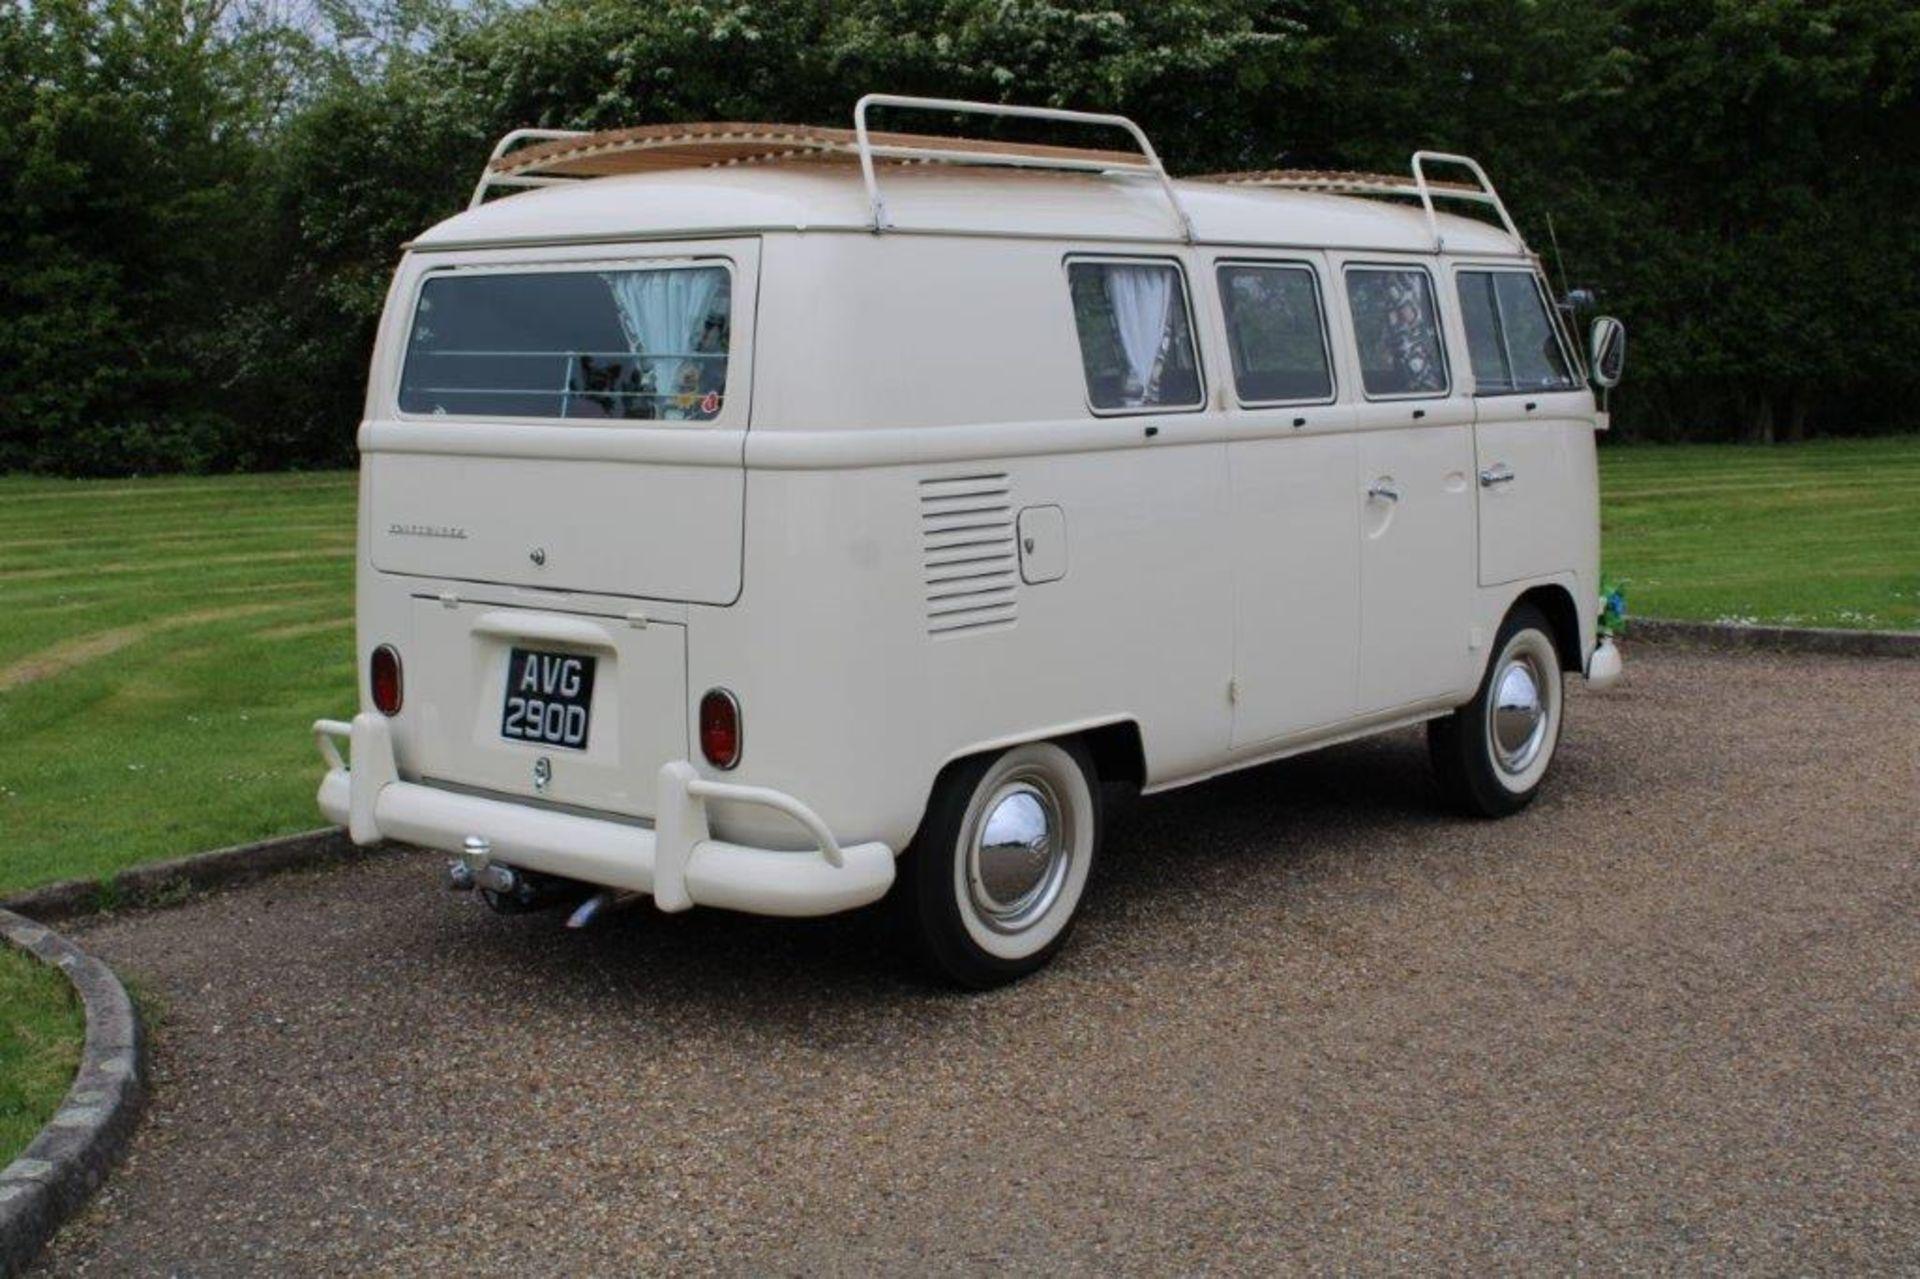 1966 Volkswagen Split Screen Camper LHD - Image 6 of 28